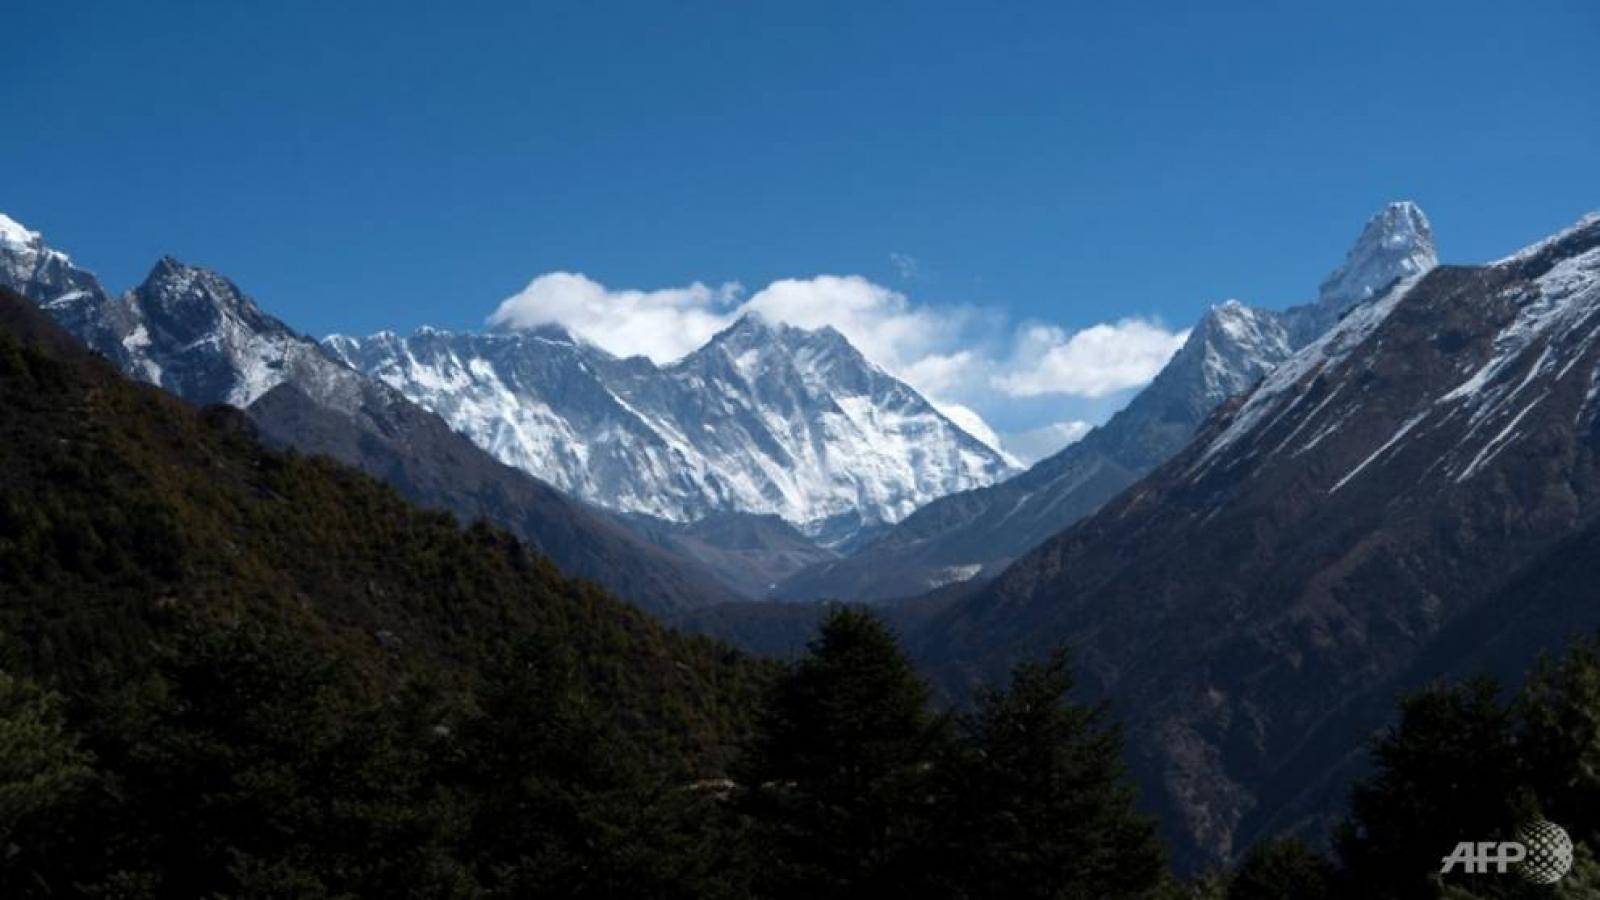 Đại dịch Covid-19 đã lây lan đến đỉnh Everest